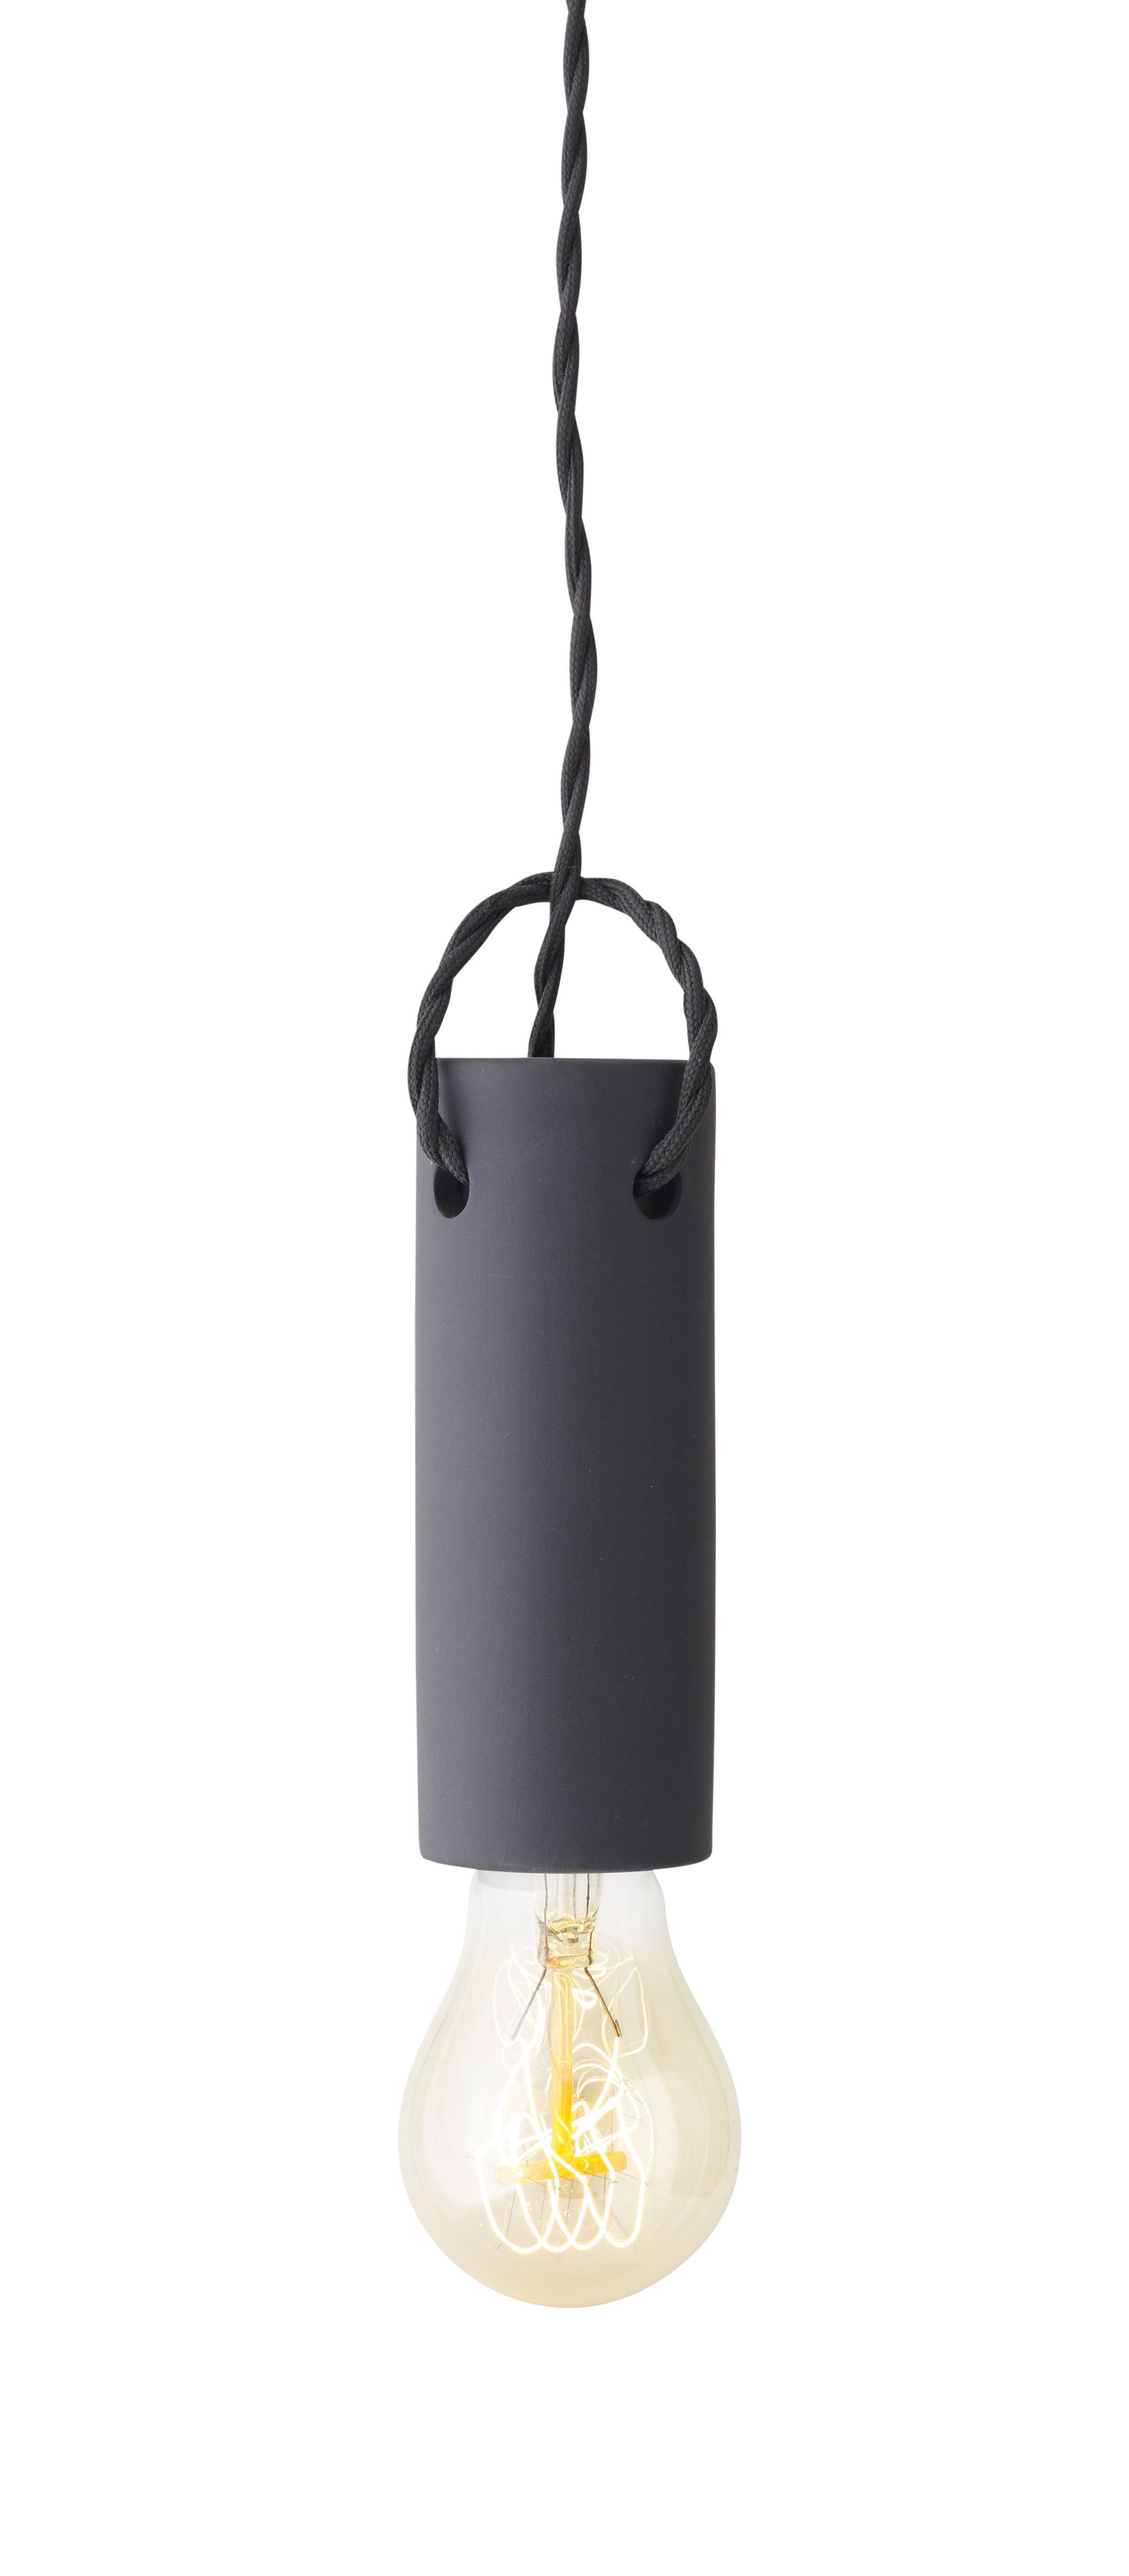 Leuchten - Pendelleuchten - Tied Pendelleuchte / Keramik und Textilkabel - H 13 cm - Menu - Anthrazit - Gewebe, Keramik